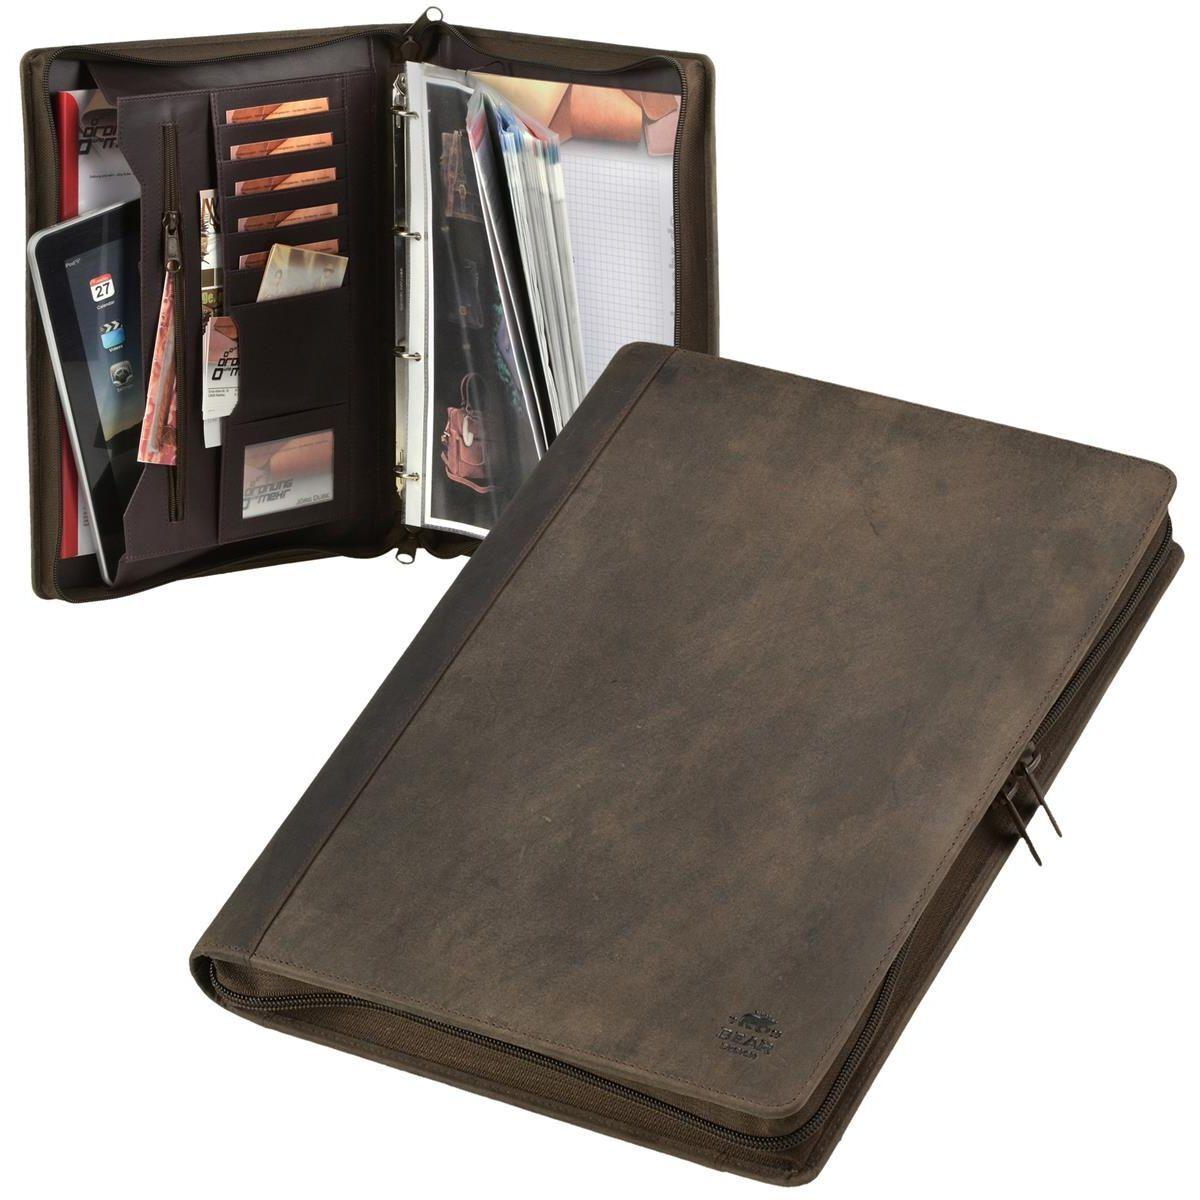 Schreibmappe A4 Leder braun Ringbuchmappe Konferenzmappe + Prospekthüllen | Verwendet in der Haltbarkeit  | Elegantes Aussehen  | Berühmter Laden